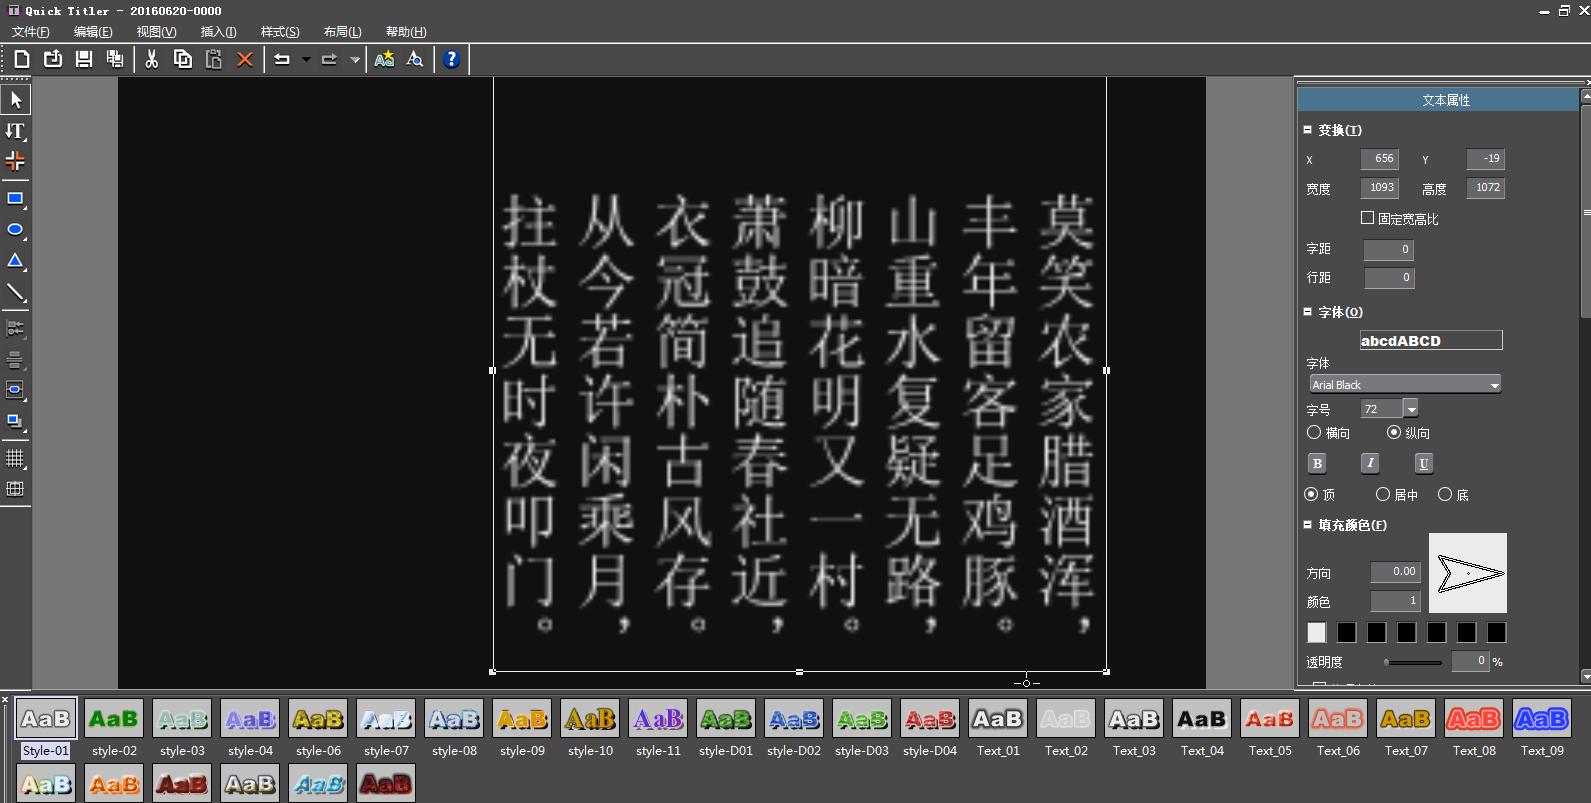 EDIUS字幕设置需要注意的事项